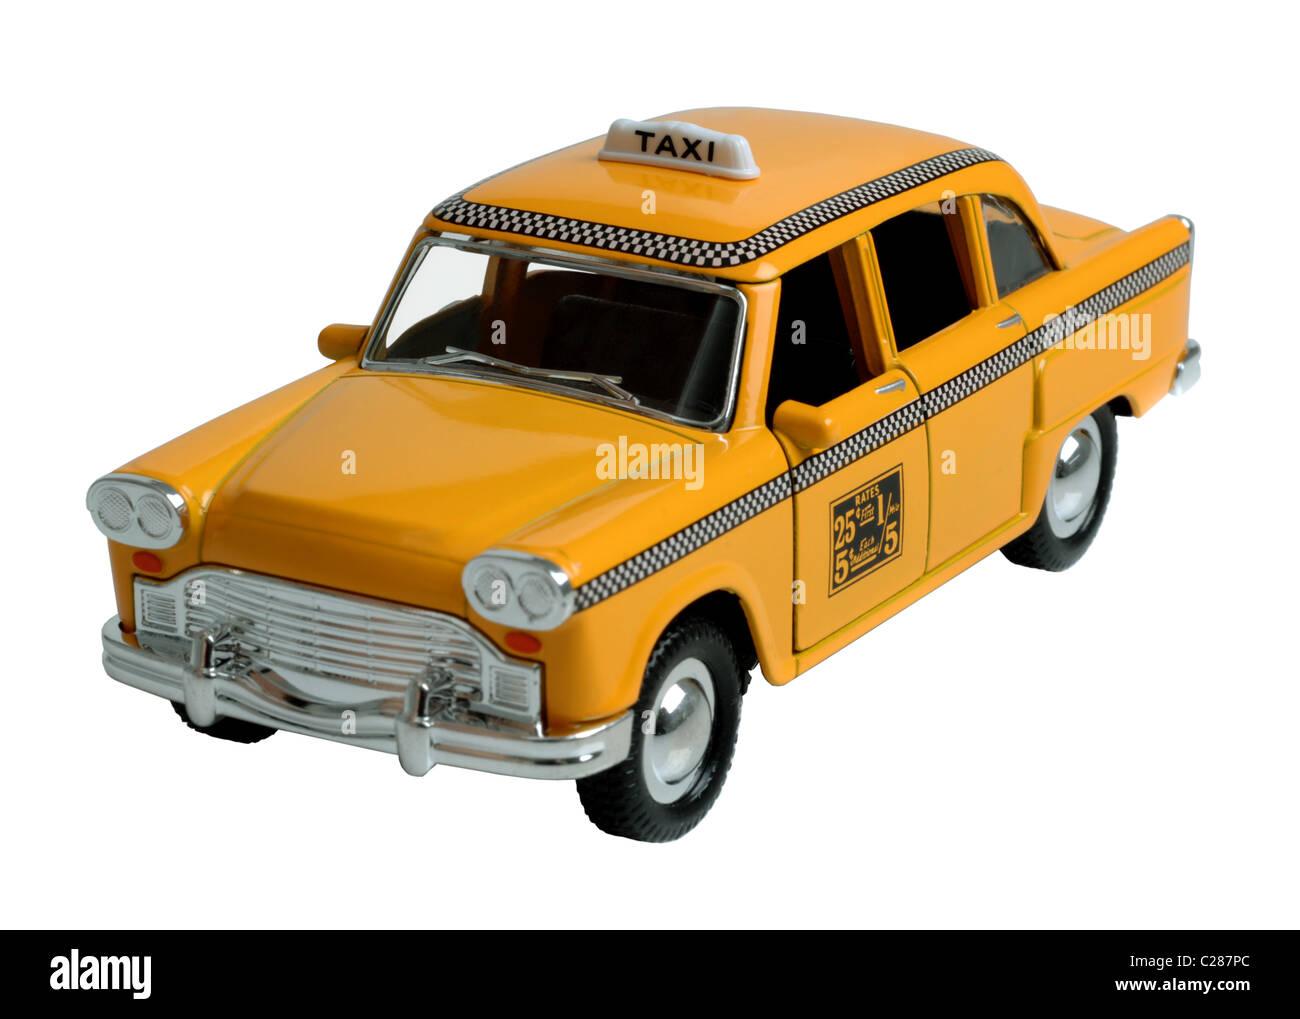 Nueva York, Nueva York juguete taxi taxi Imagen De Stock